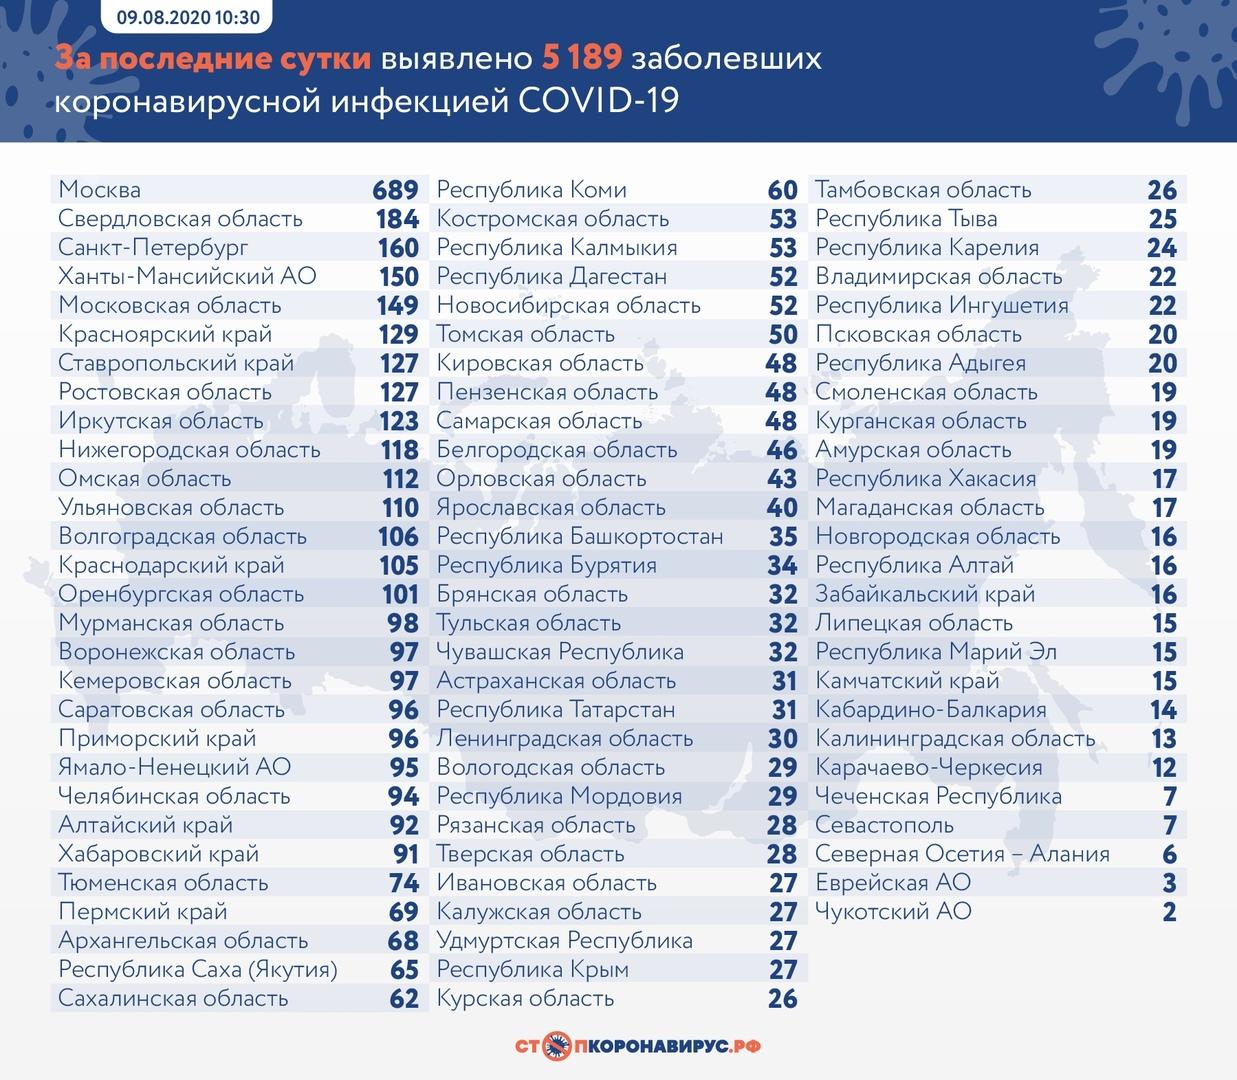 сколько человек заболело коронавирусом в Нижегородской области